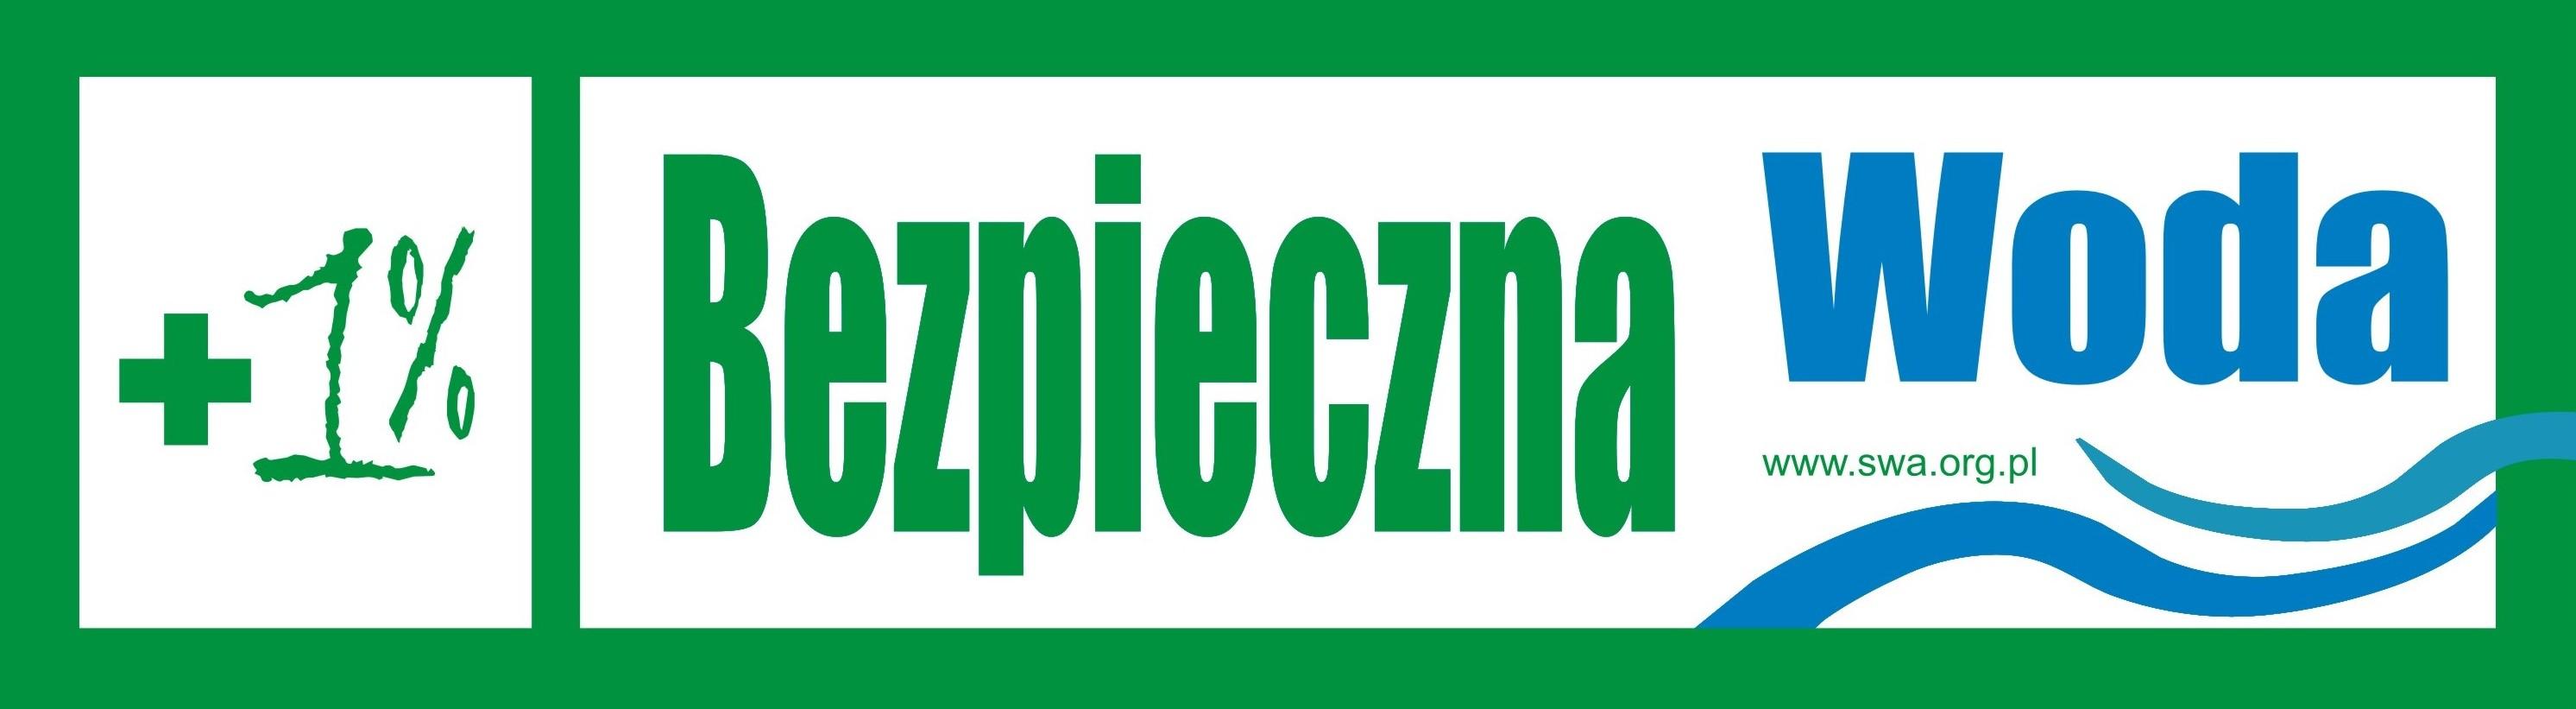 Bezpieczna_Woda_logo